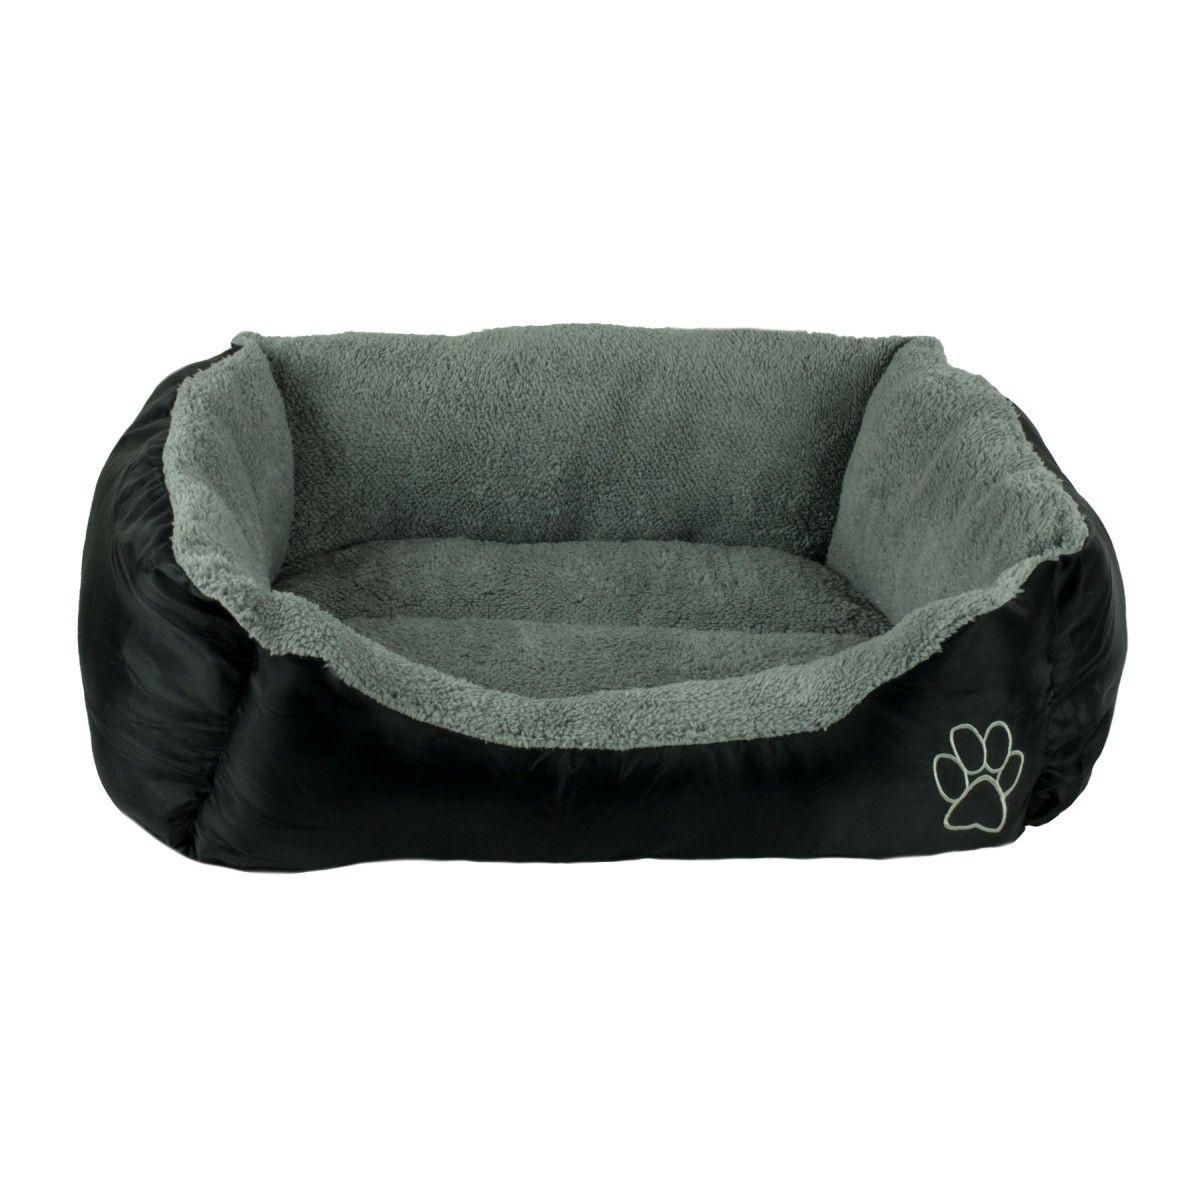 Beatrice Medium Dog Pet Bed Rectangle Plush Cuddler 21 X 25 X 10 Black Pet Supplies Dog Pet Beds Pet Bed Pet Beds